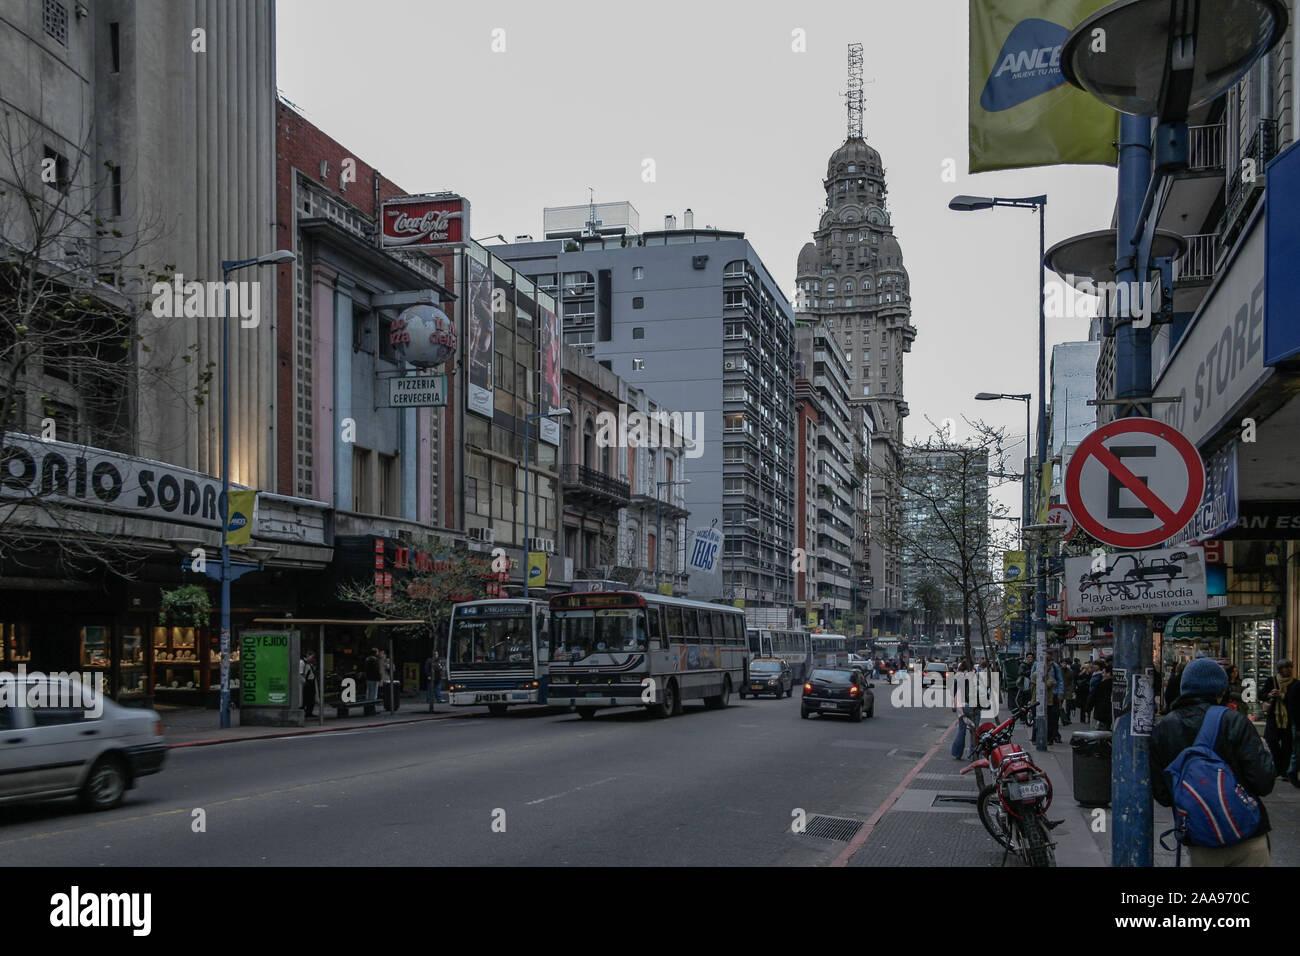 Montevideo, Uruguay. 19 Septembre, 2007. Vue extérieure des bâtiments et situé le long de la rue Av. 18 de Julio (18 de Julio Avenue), vu au cours de jour nuageux dans le quartier Centro/district à Montevideo, Uruguay. Banque D'Images